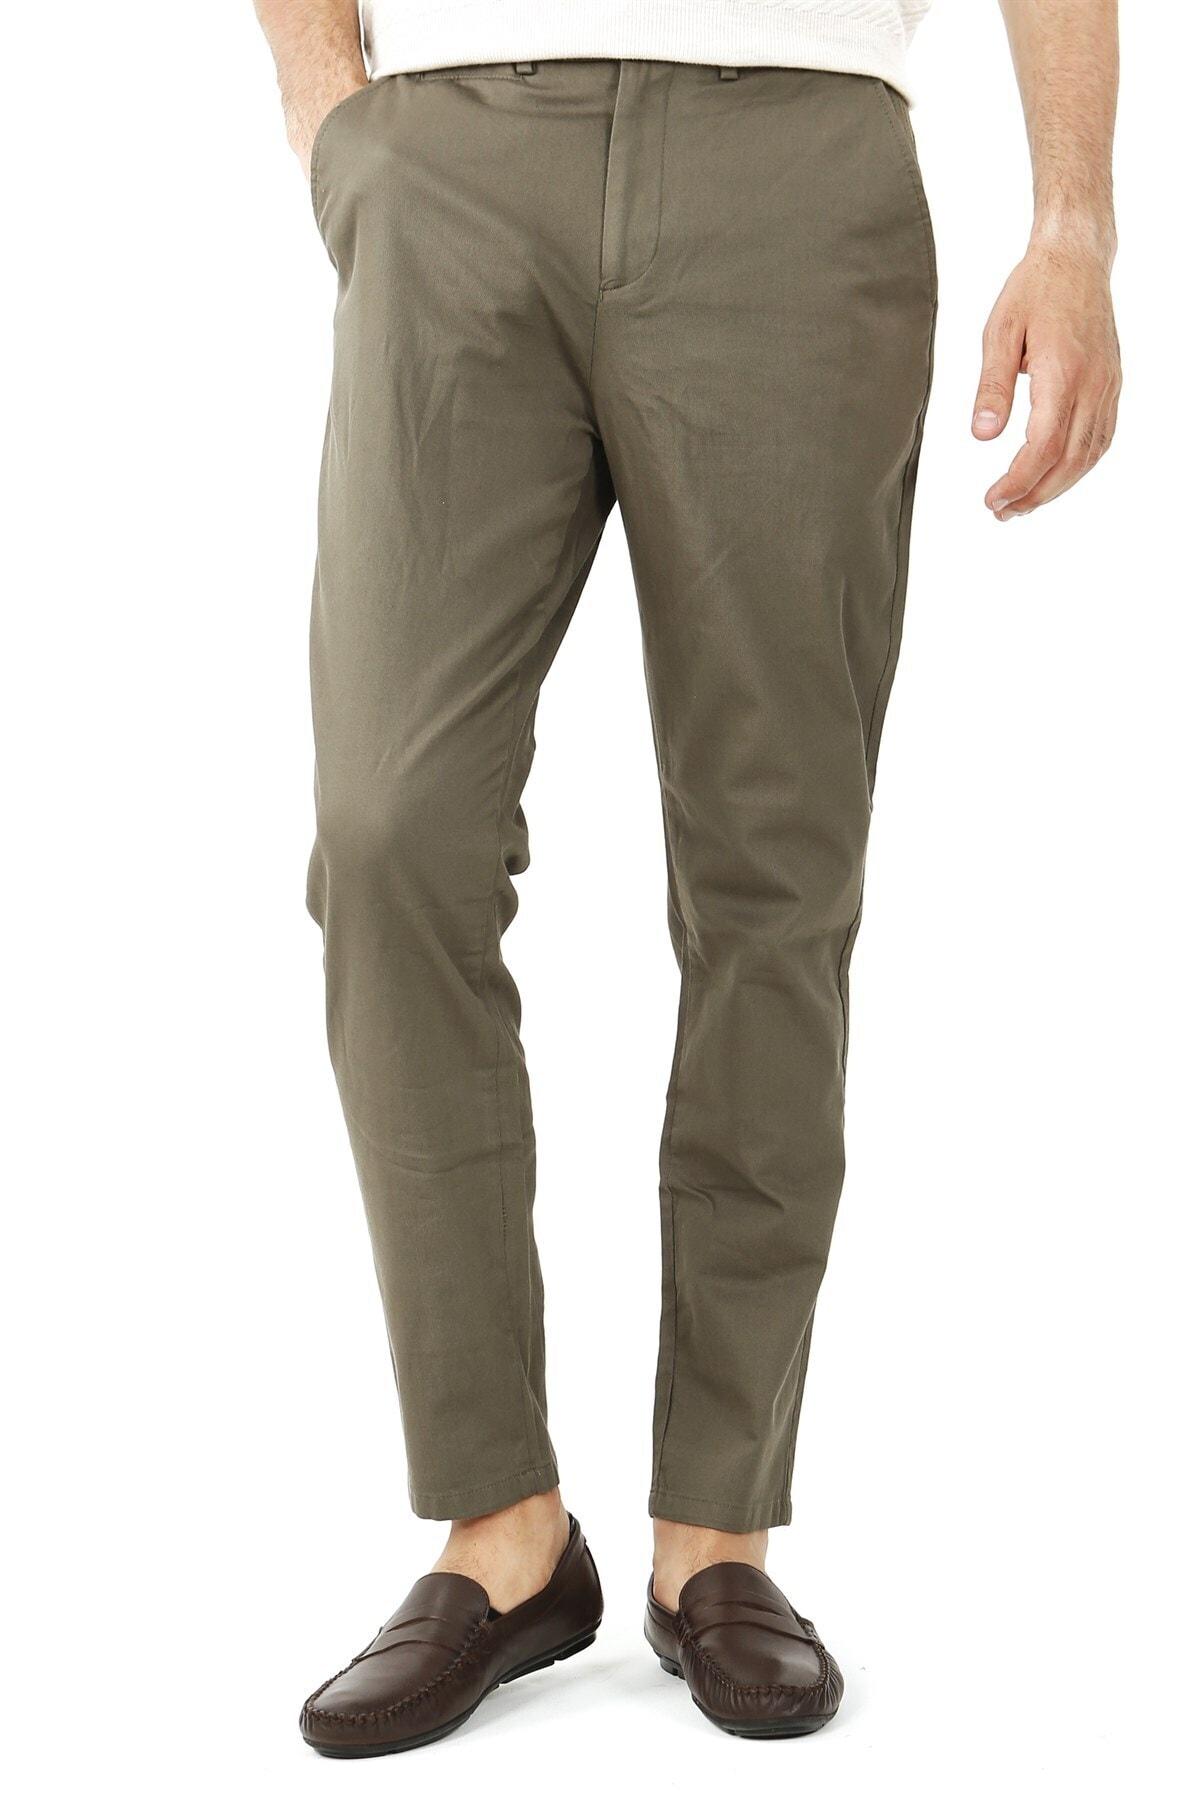 Jakamen Slim Fit Serili Pantolon Spor Yan Cep Serili 1